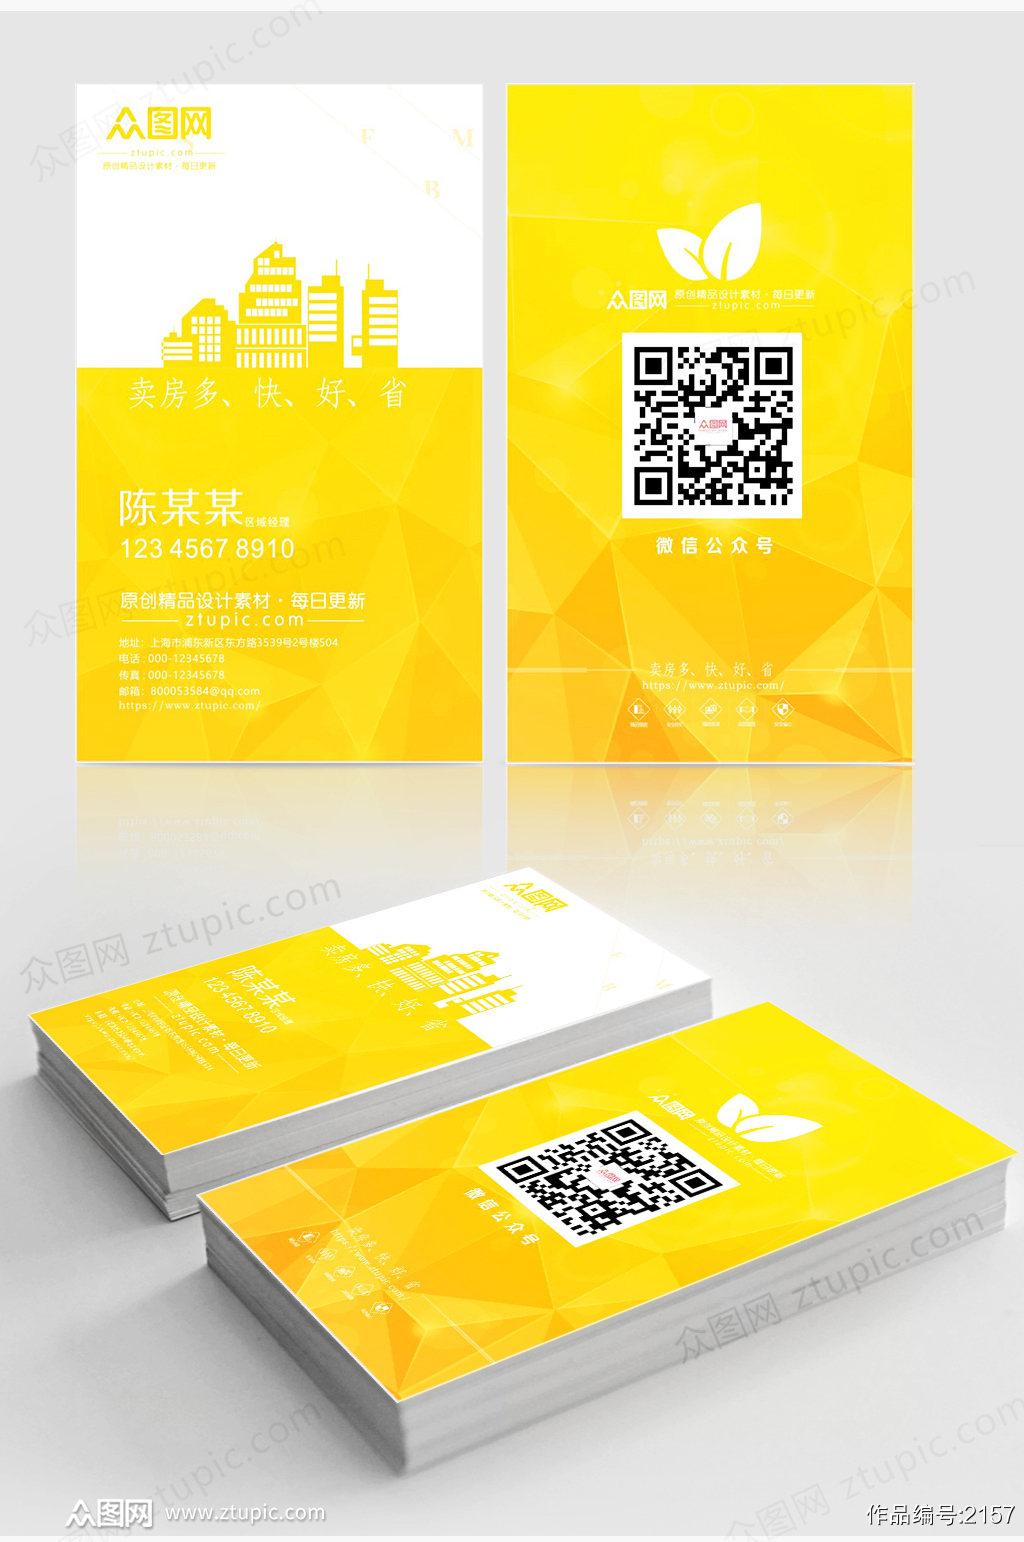 创意简约黄色白色名片设计素材